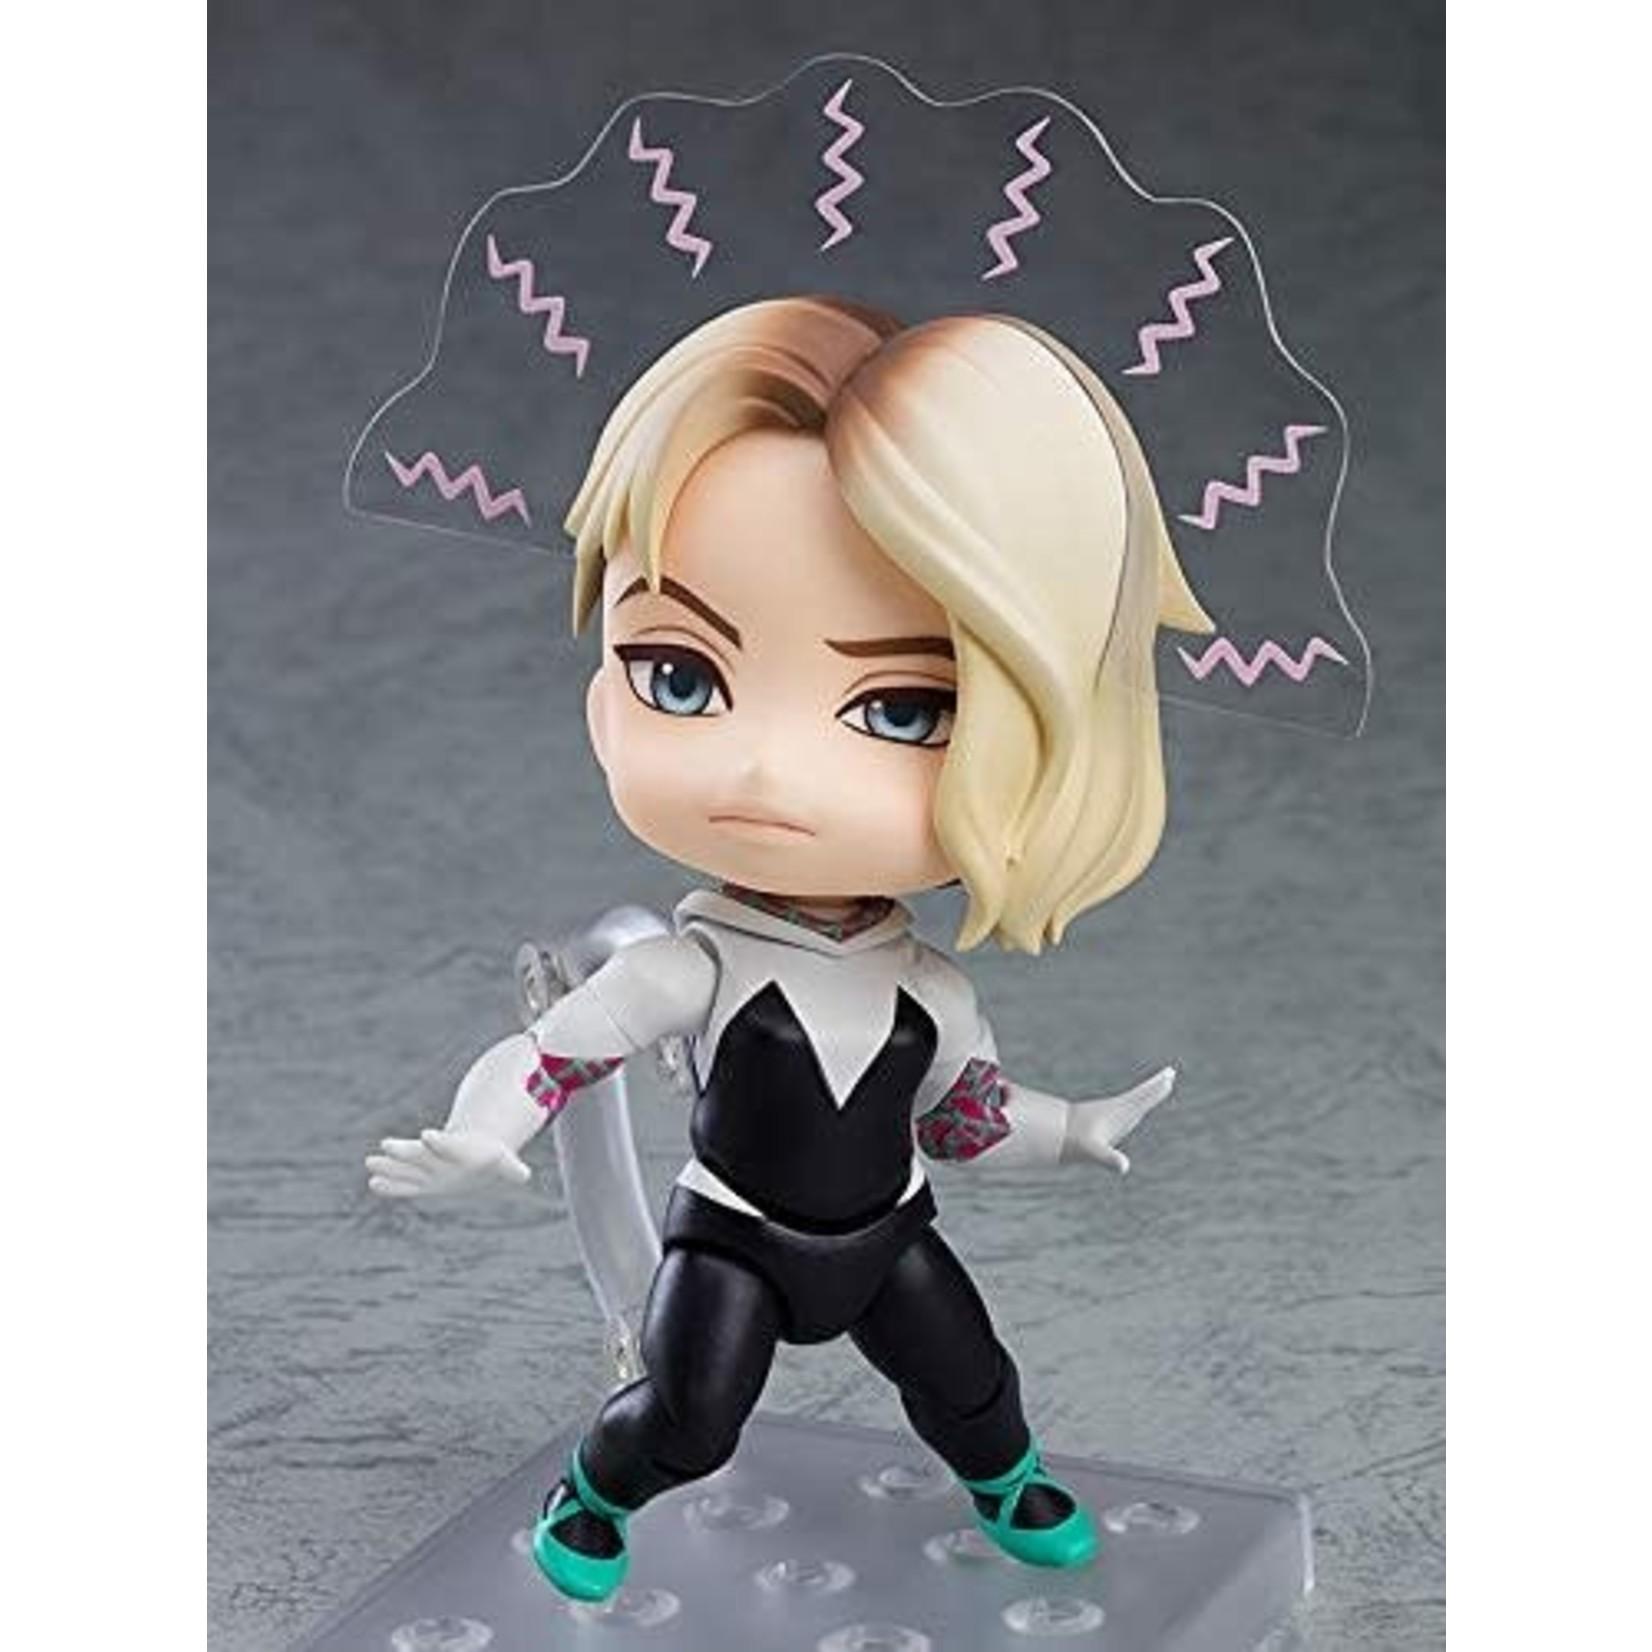 Goodsmile Company Nendoroid Spider-Gwen: Spider-Verse Ver. DX (Spider-Man: Into the Spider-Verse)